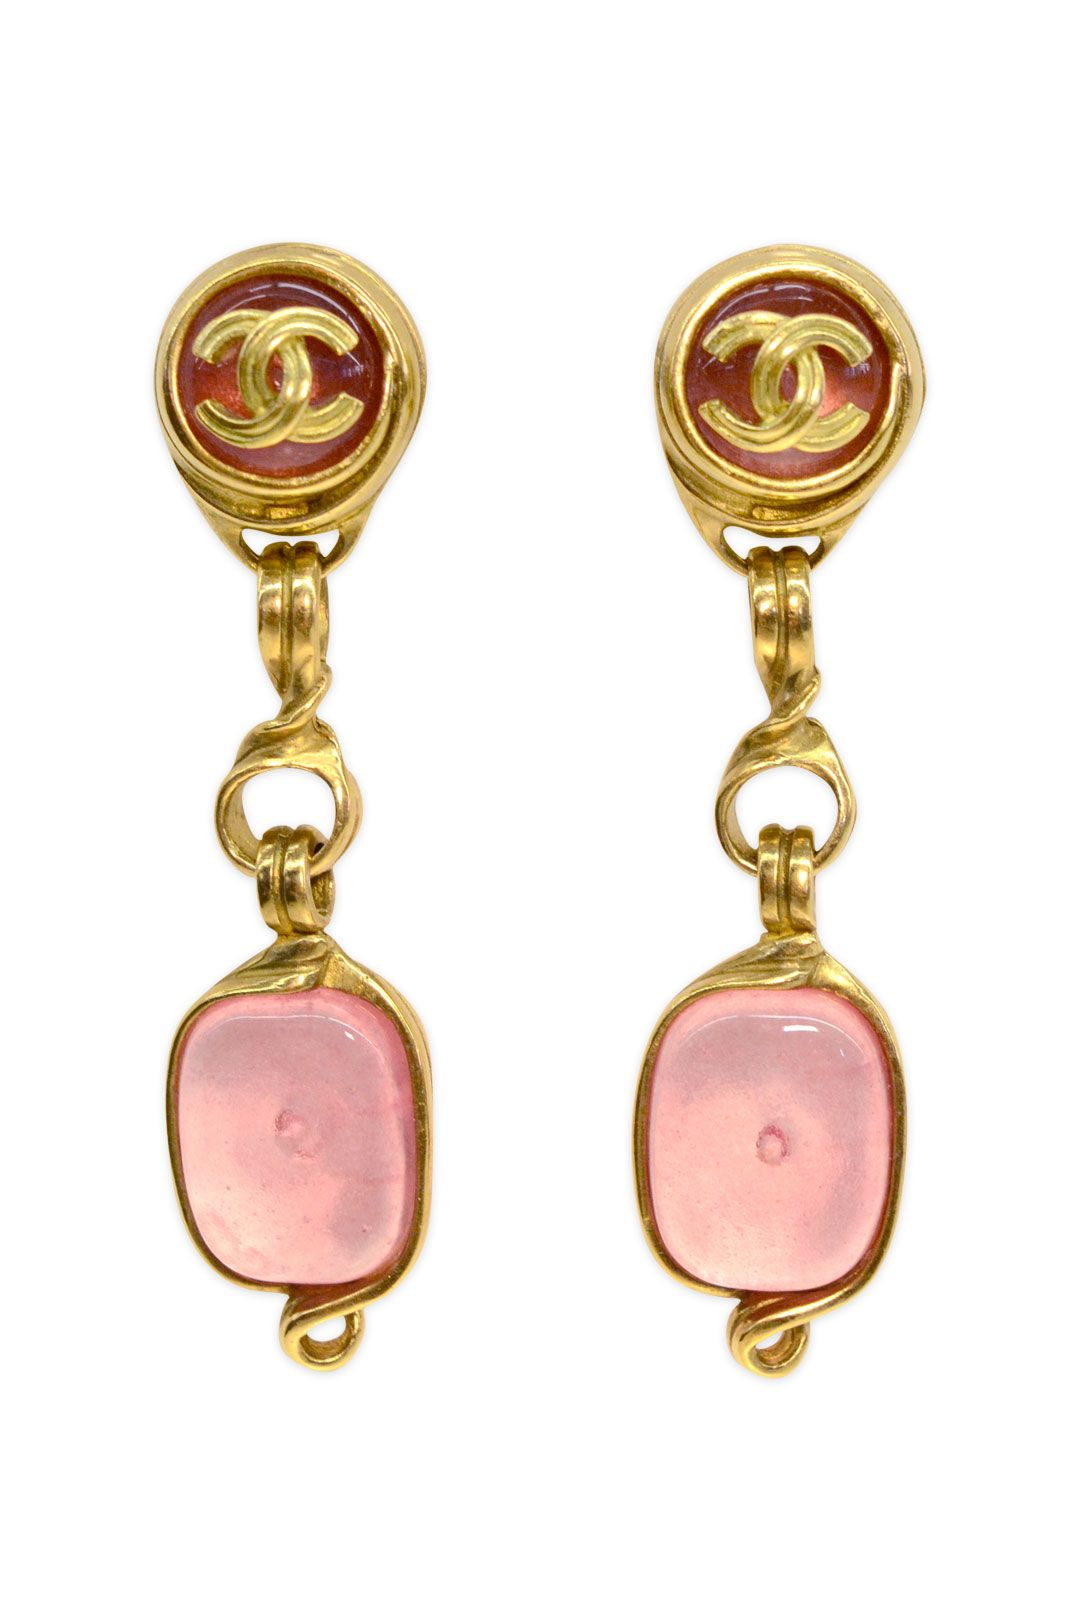 d0ae1b69002a03 WGACA Vintage Vintage Chanel Pink Gripoix Drop Earrings ...